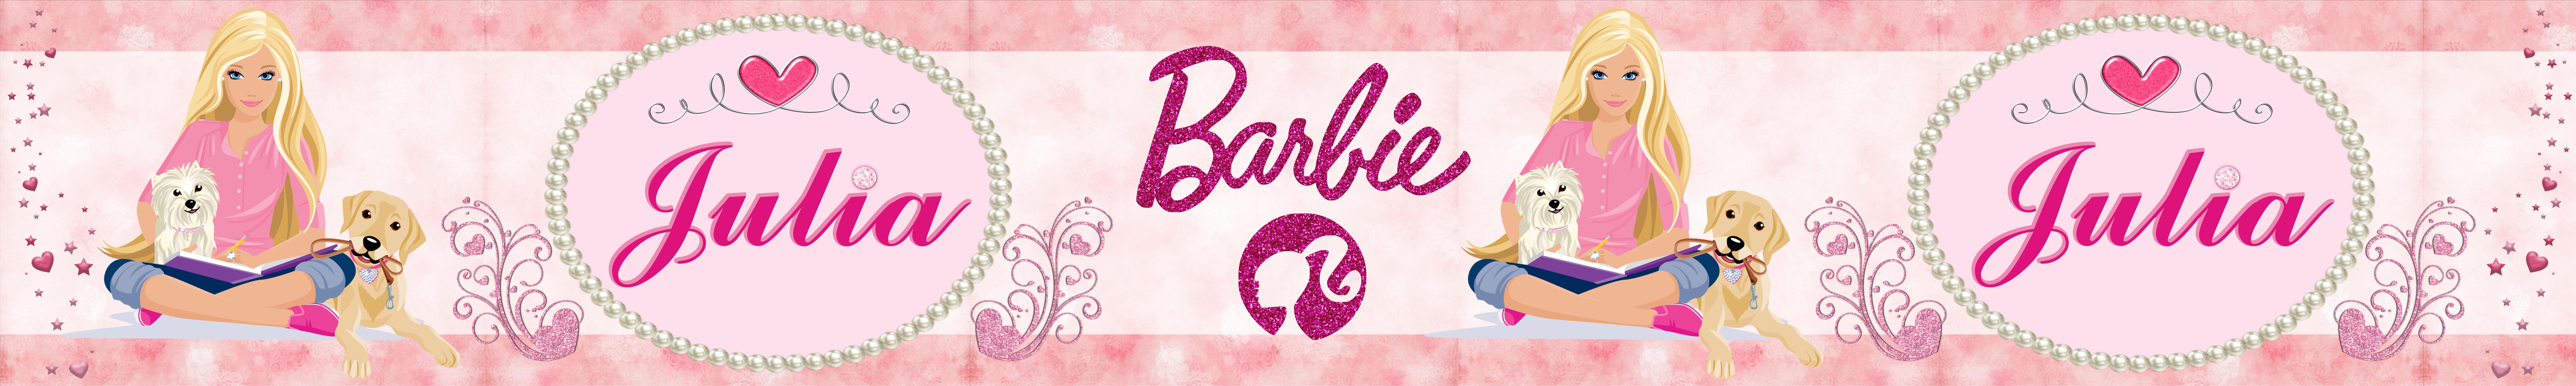 Faixa decorativa Barbie  Kelly de Paula Personalizados  Elo7